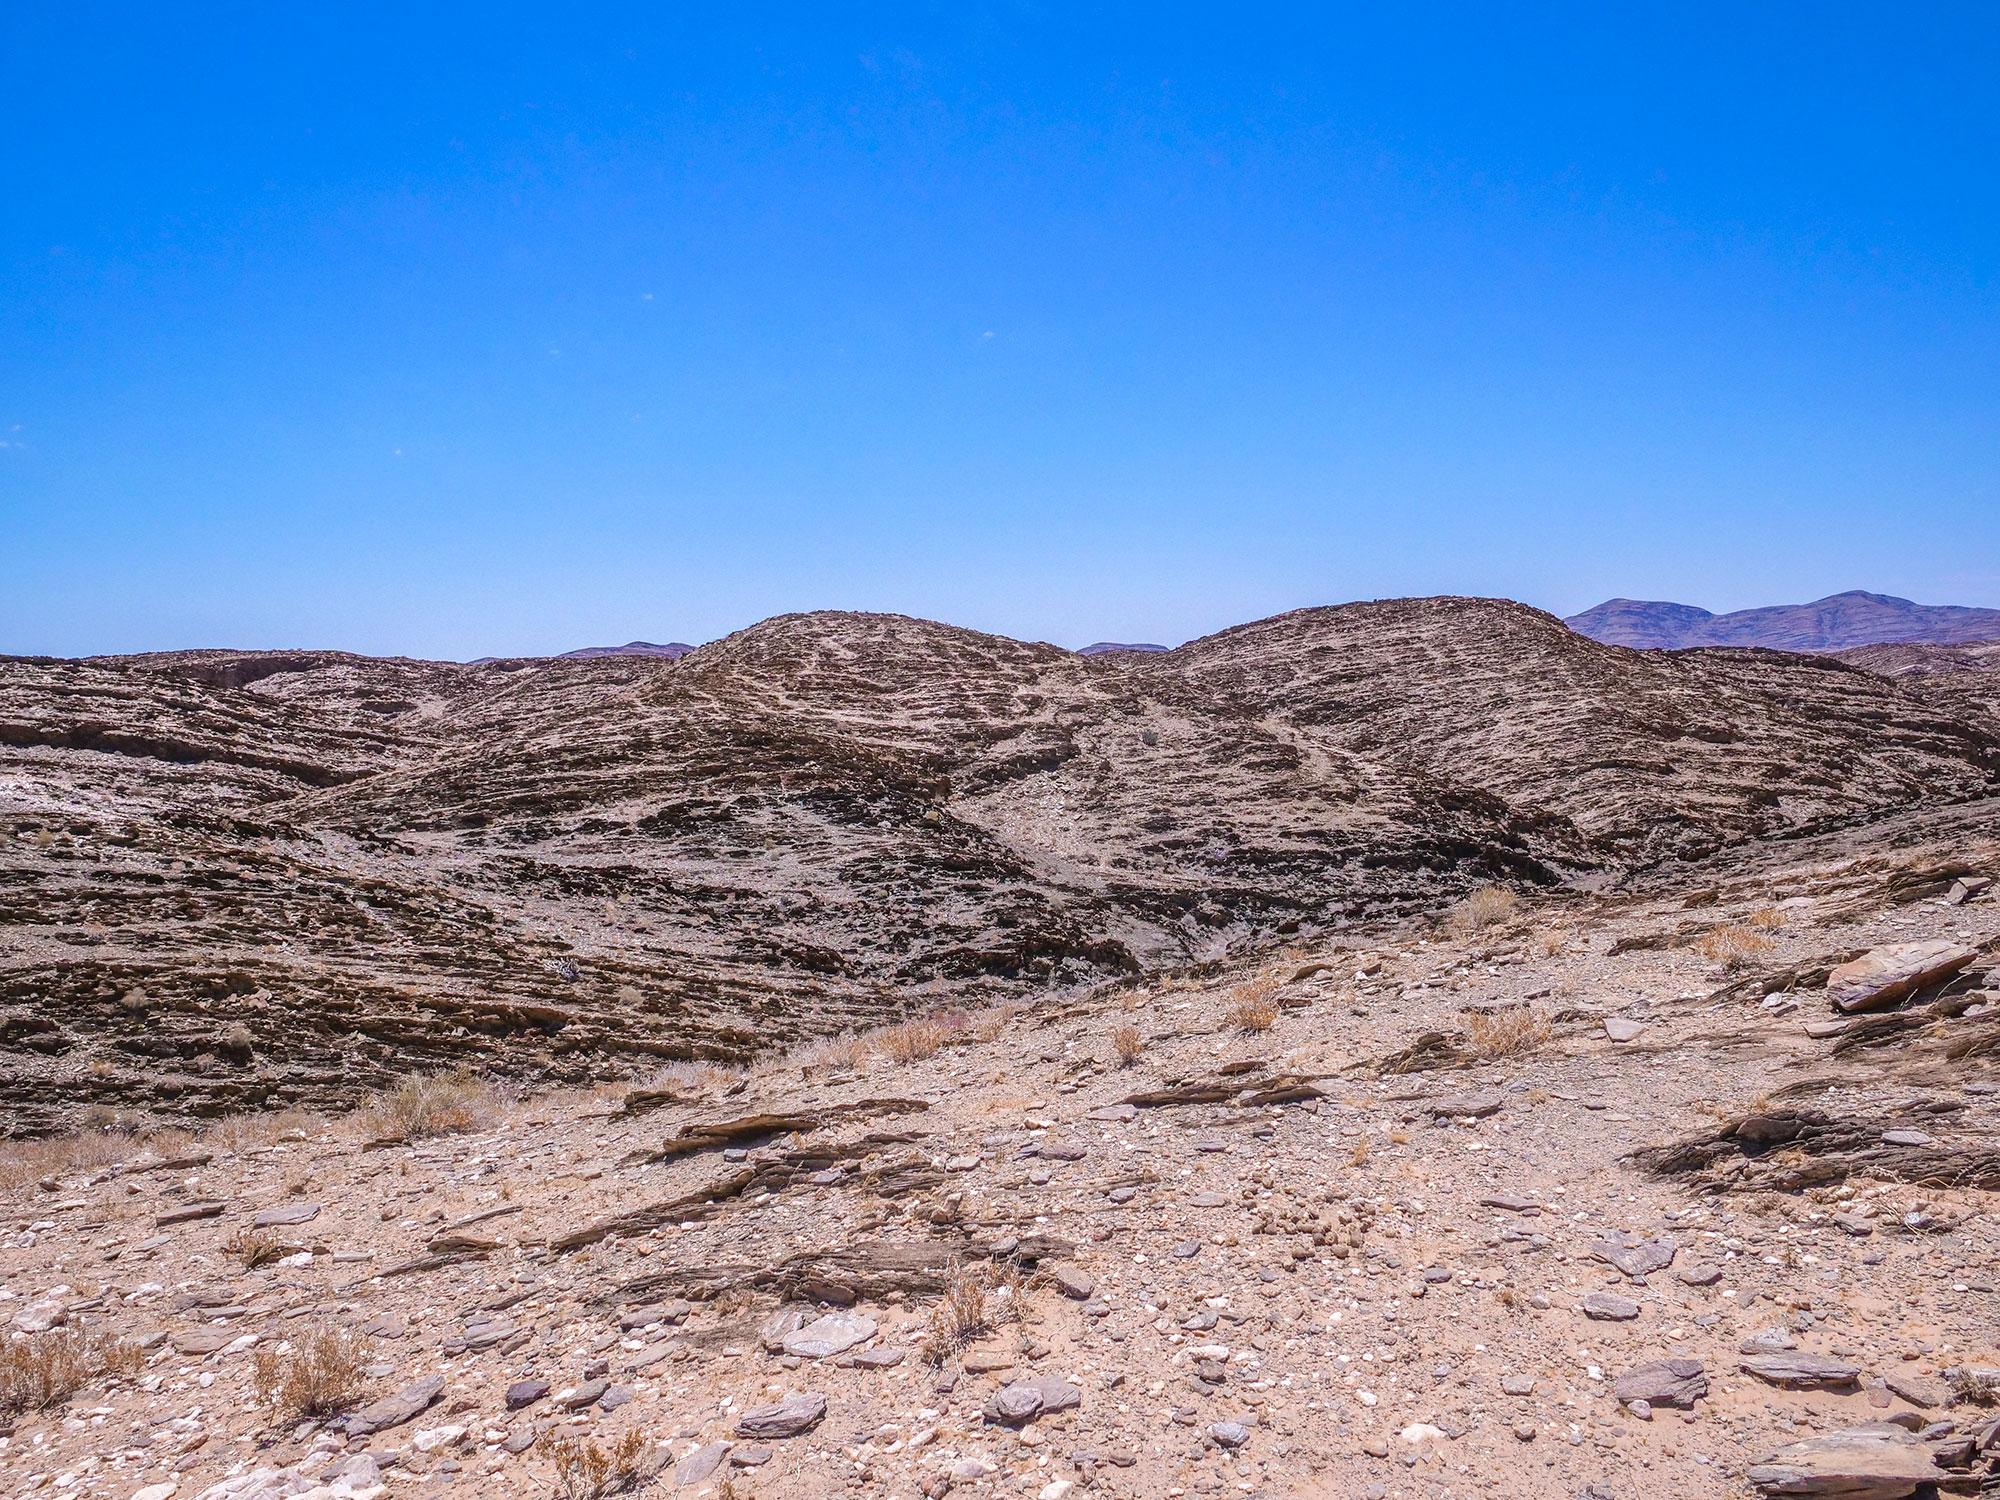 Kuiseb Pass canyon in Namib Desert, Namibia, Africa